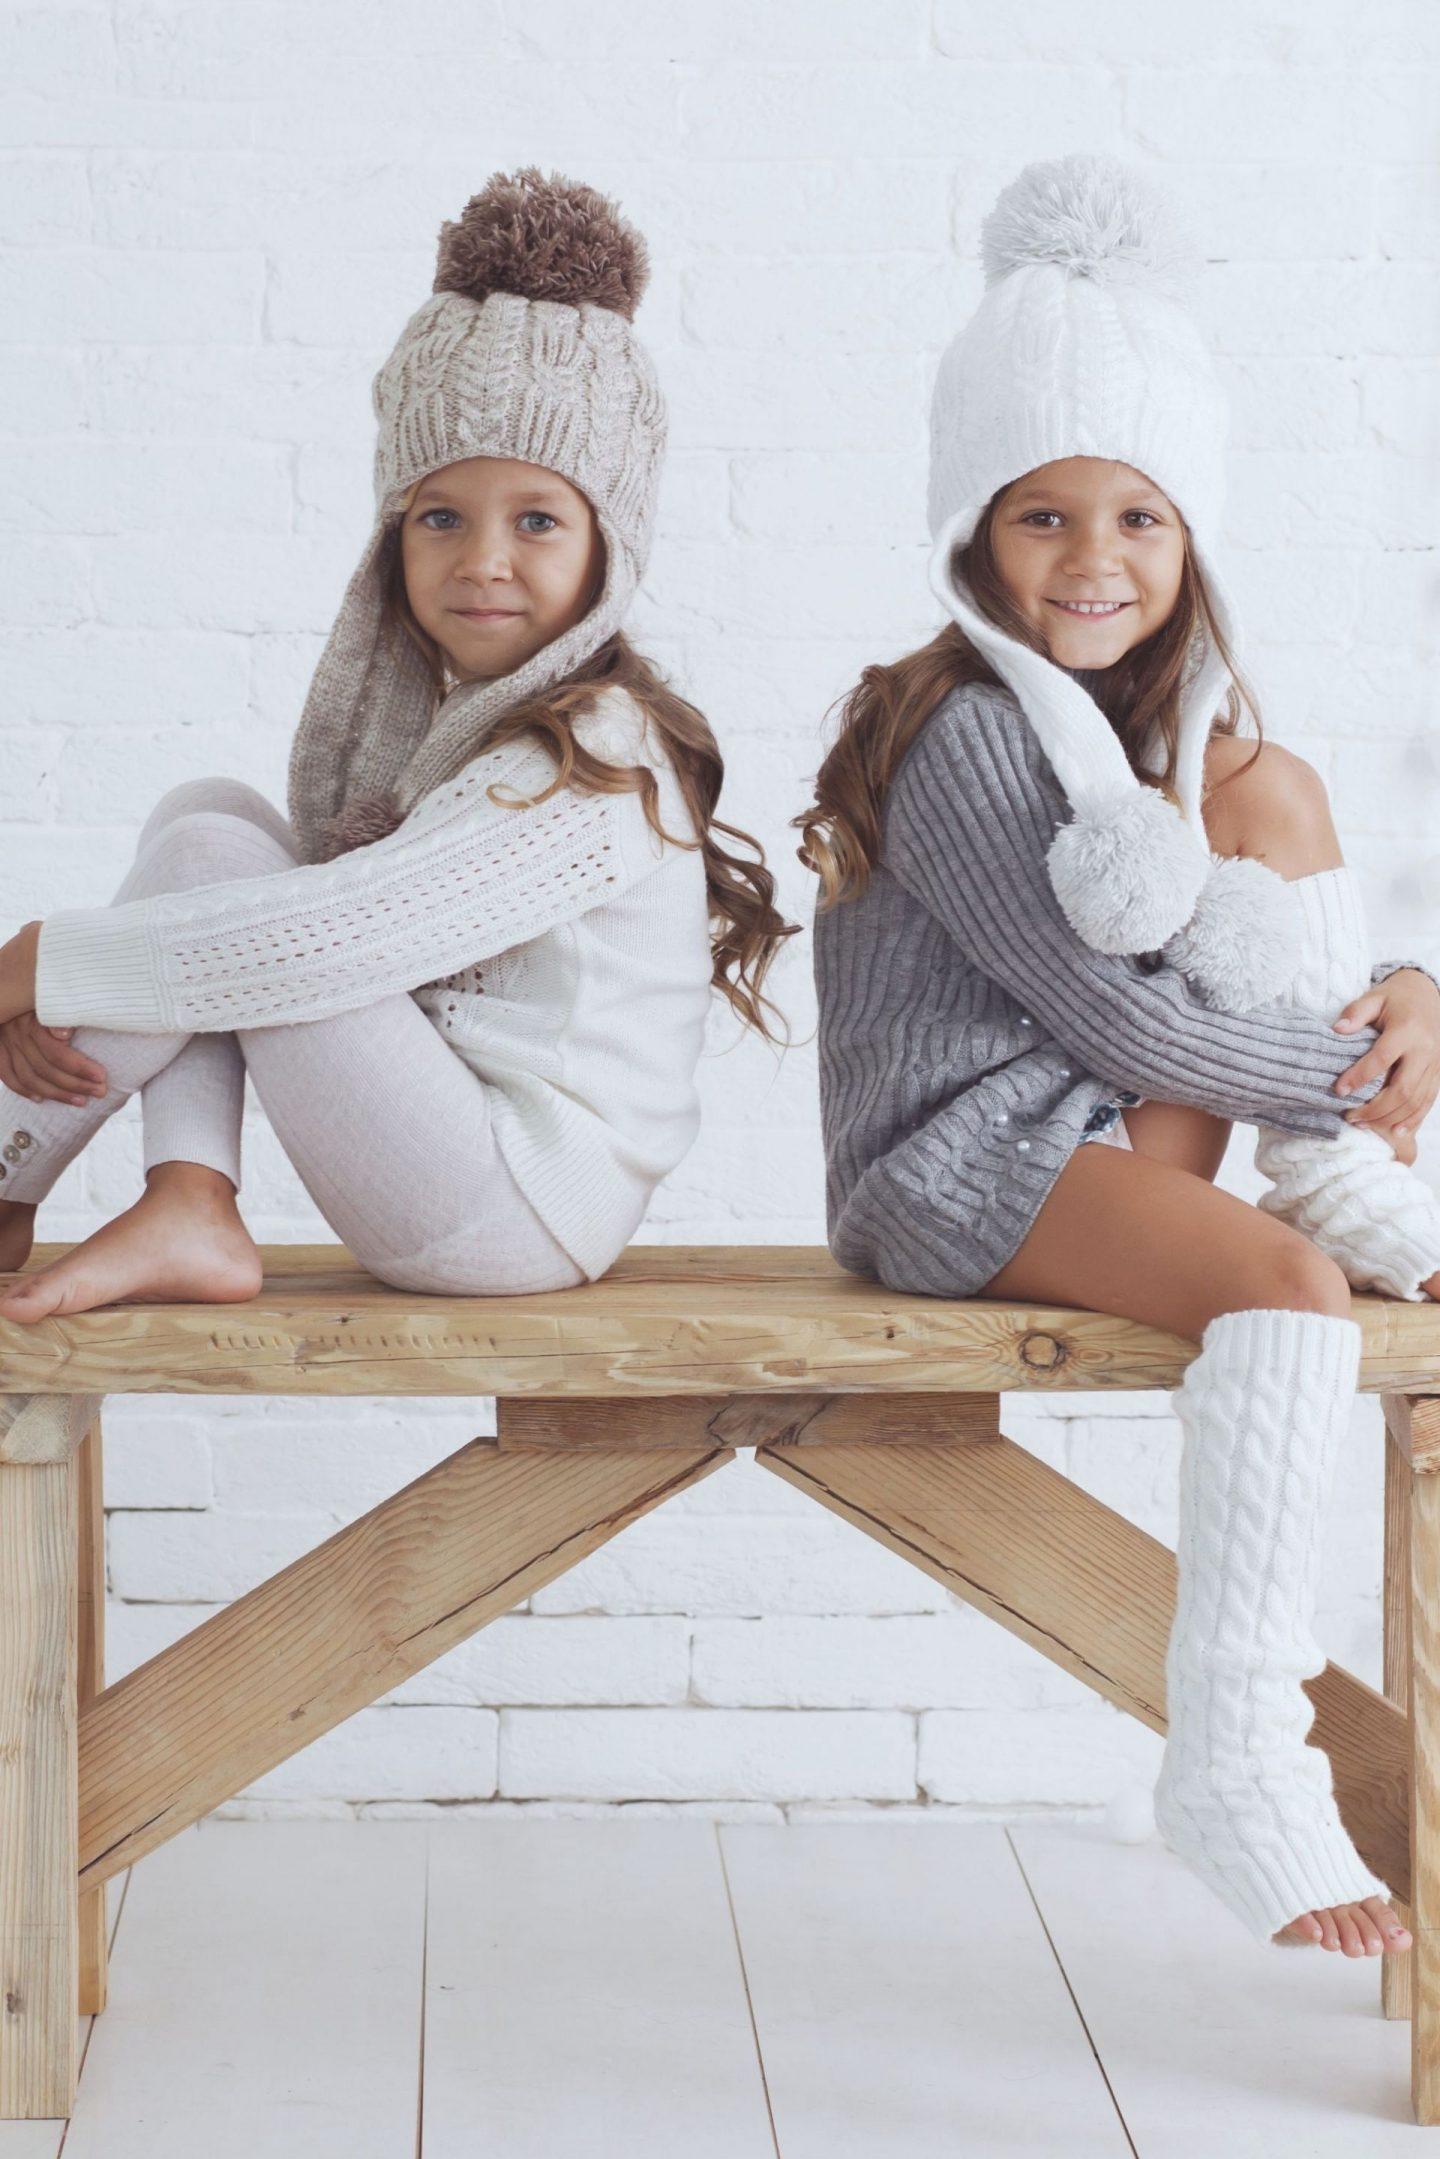 little girls in long-sleeved sweaters